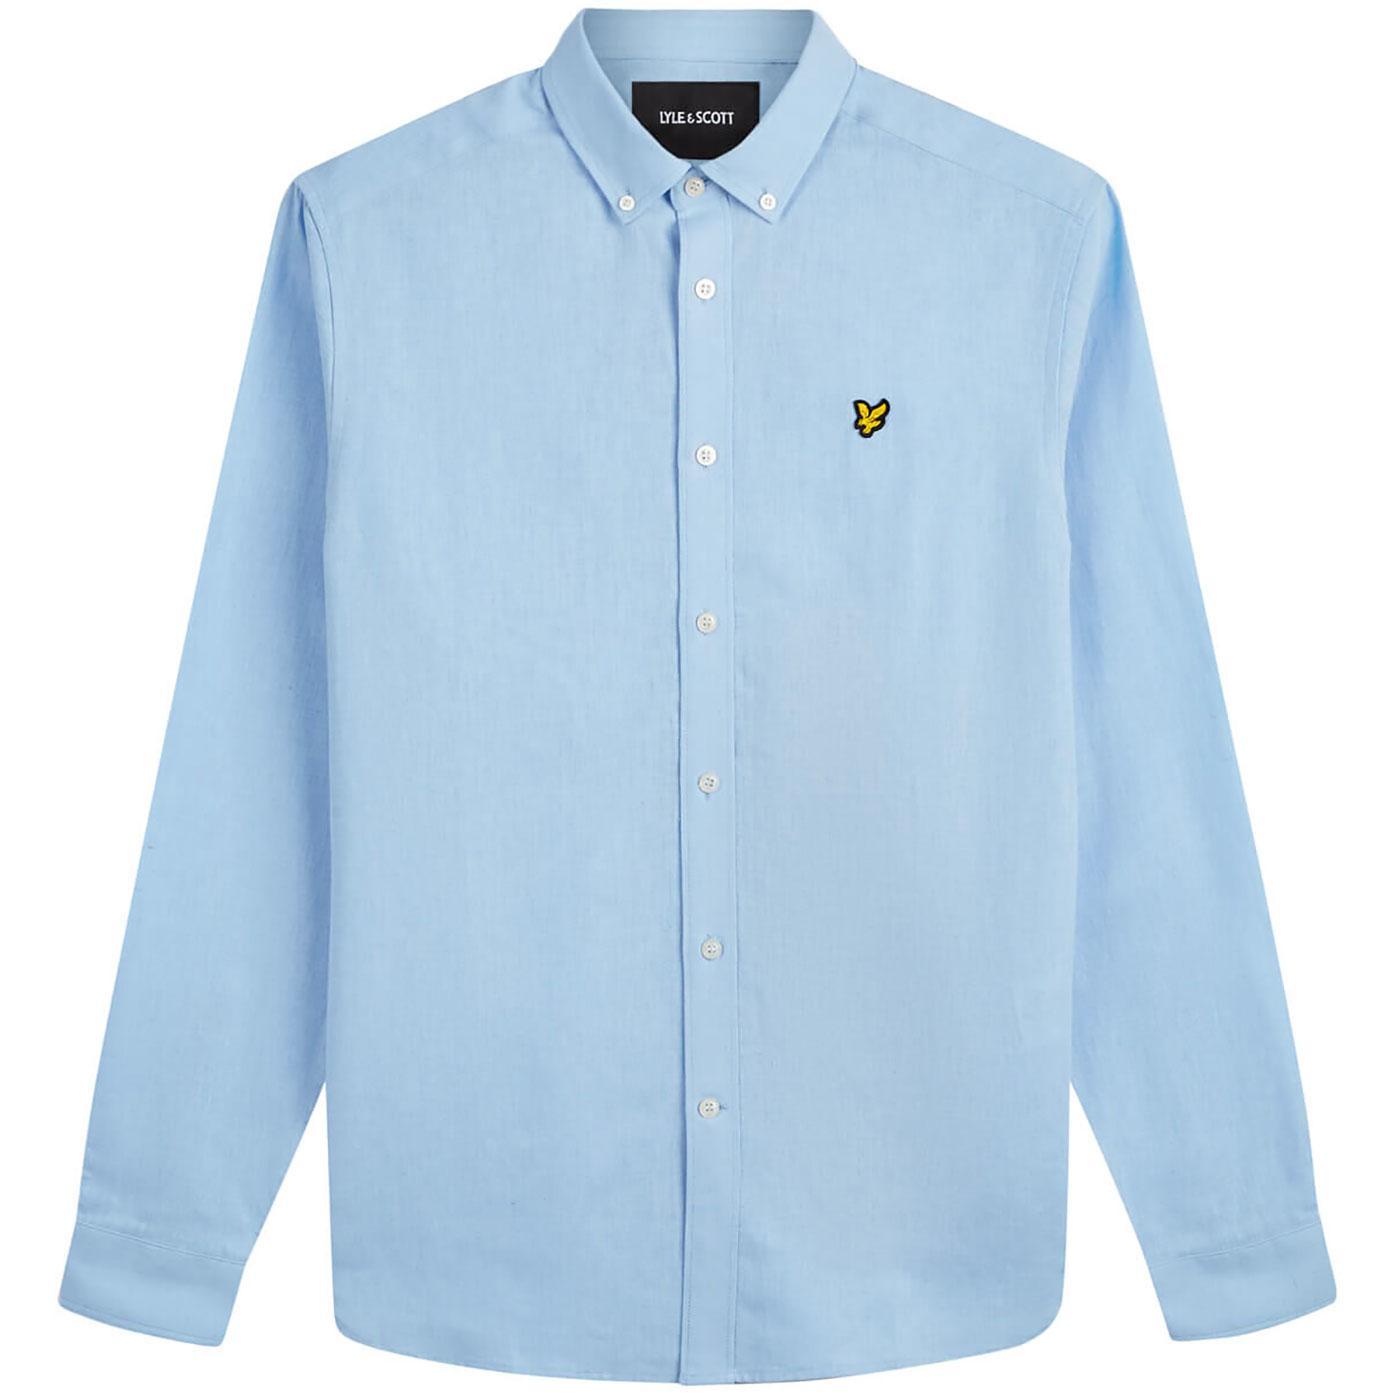 LYLE AND SCOTT 60s Mod BD Cotton Linen Shirt (PB)